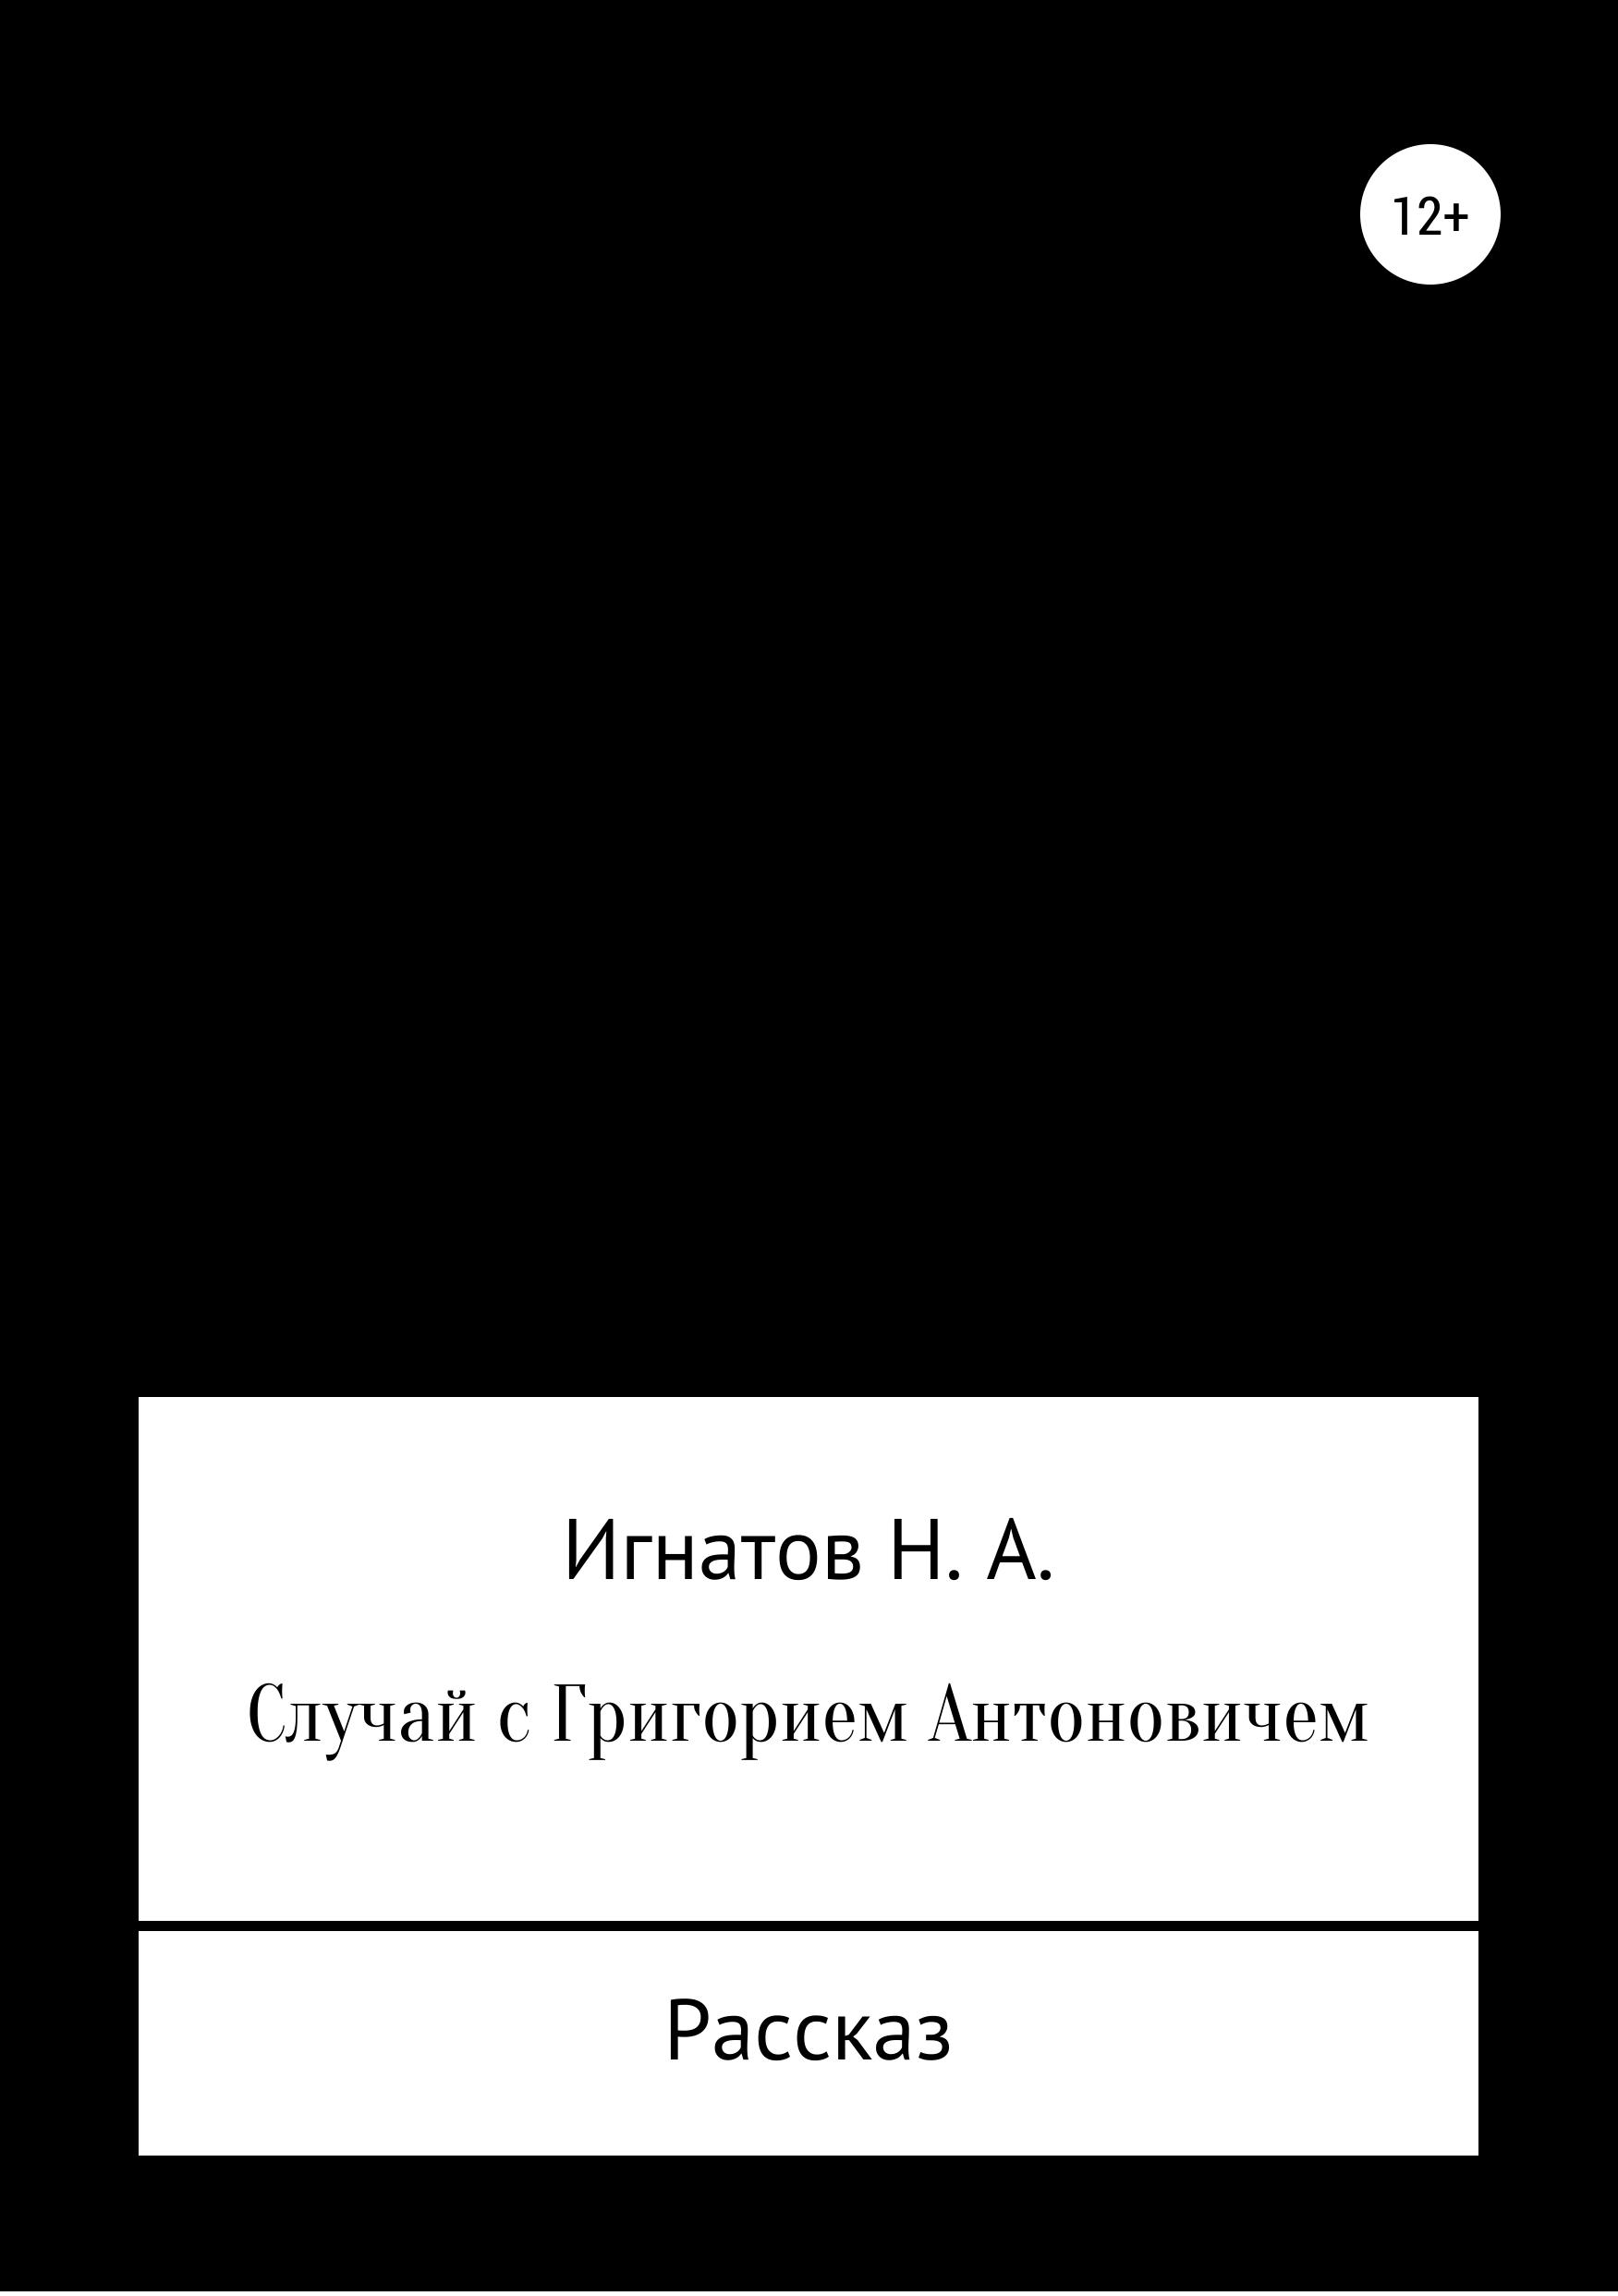 Николай Александрович Игнатов Случай с Григорием Антоновичем в п толстой николай игнатов